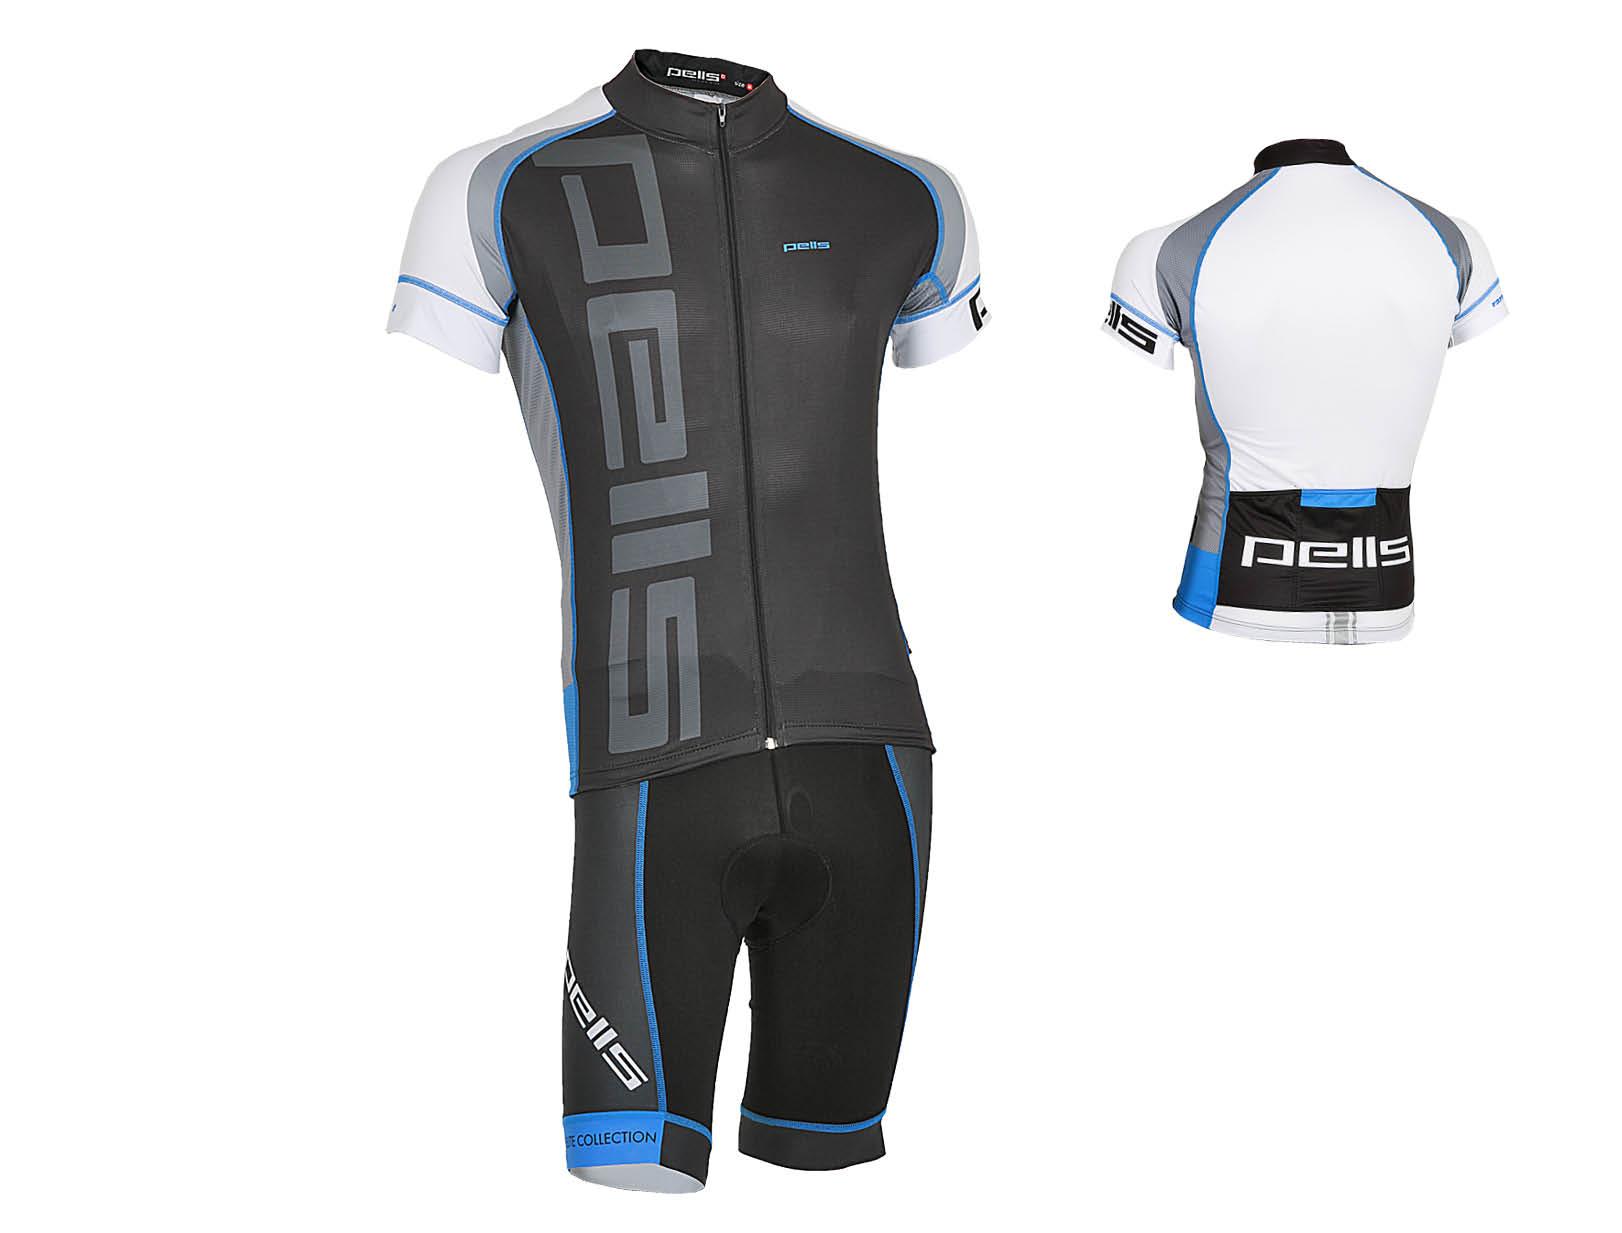 Pánský dres PELL'S RAZZER, vel. L, modrá, krátký rukáv (Pánský cyklistický dres PELL'S, vel. L, krátký rukáv, barva modrá dle vyobrazení!)